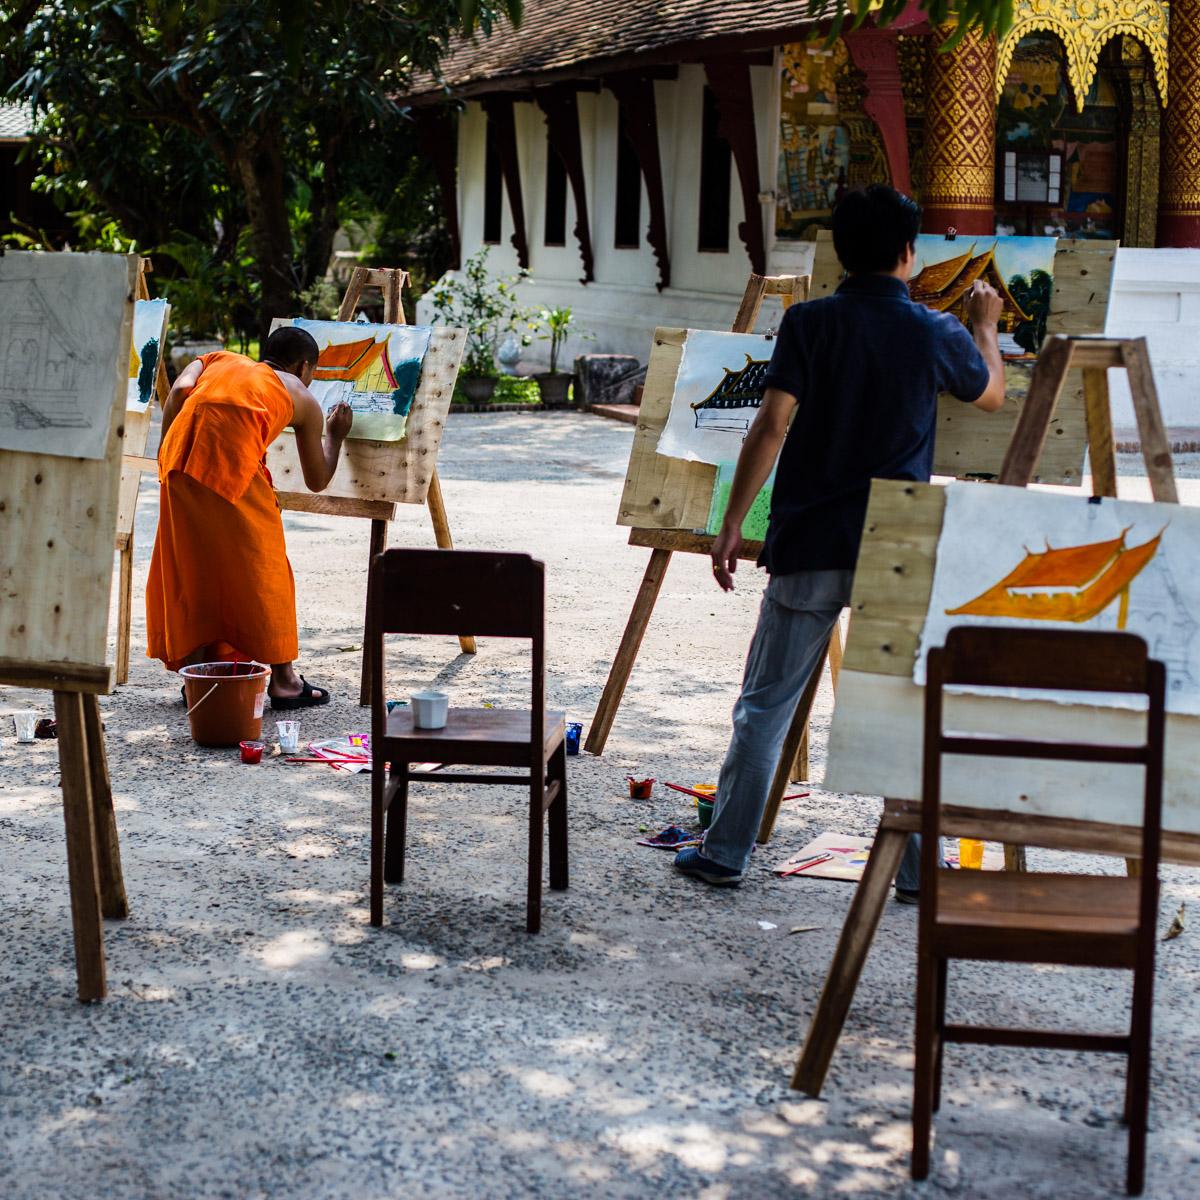 Монахи уроки рисования, Луанг Прабанг